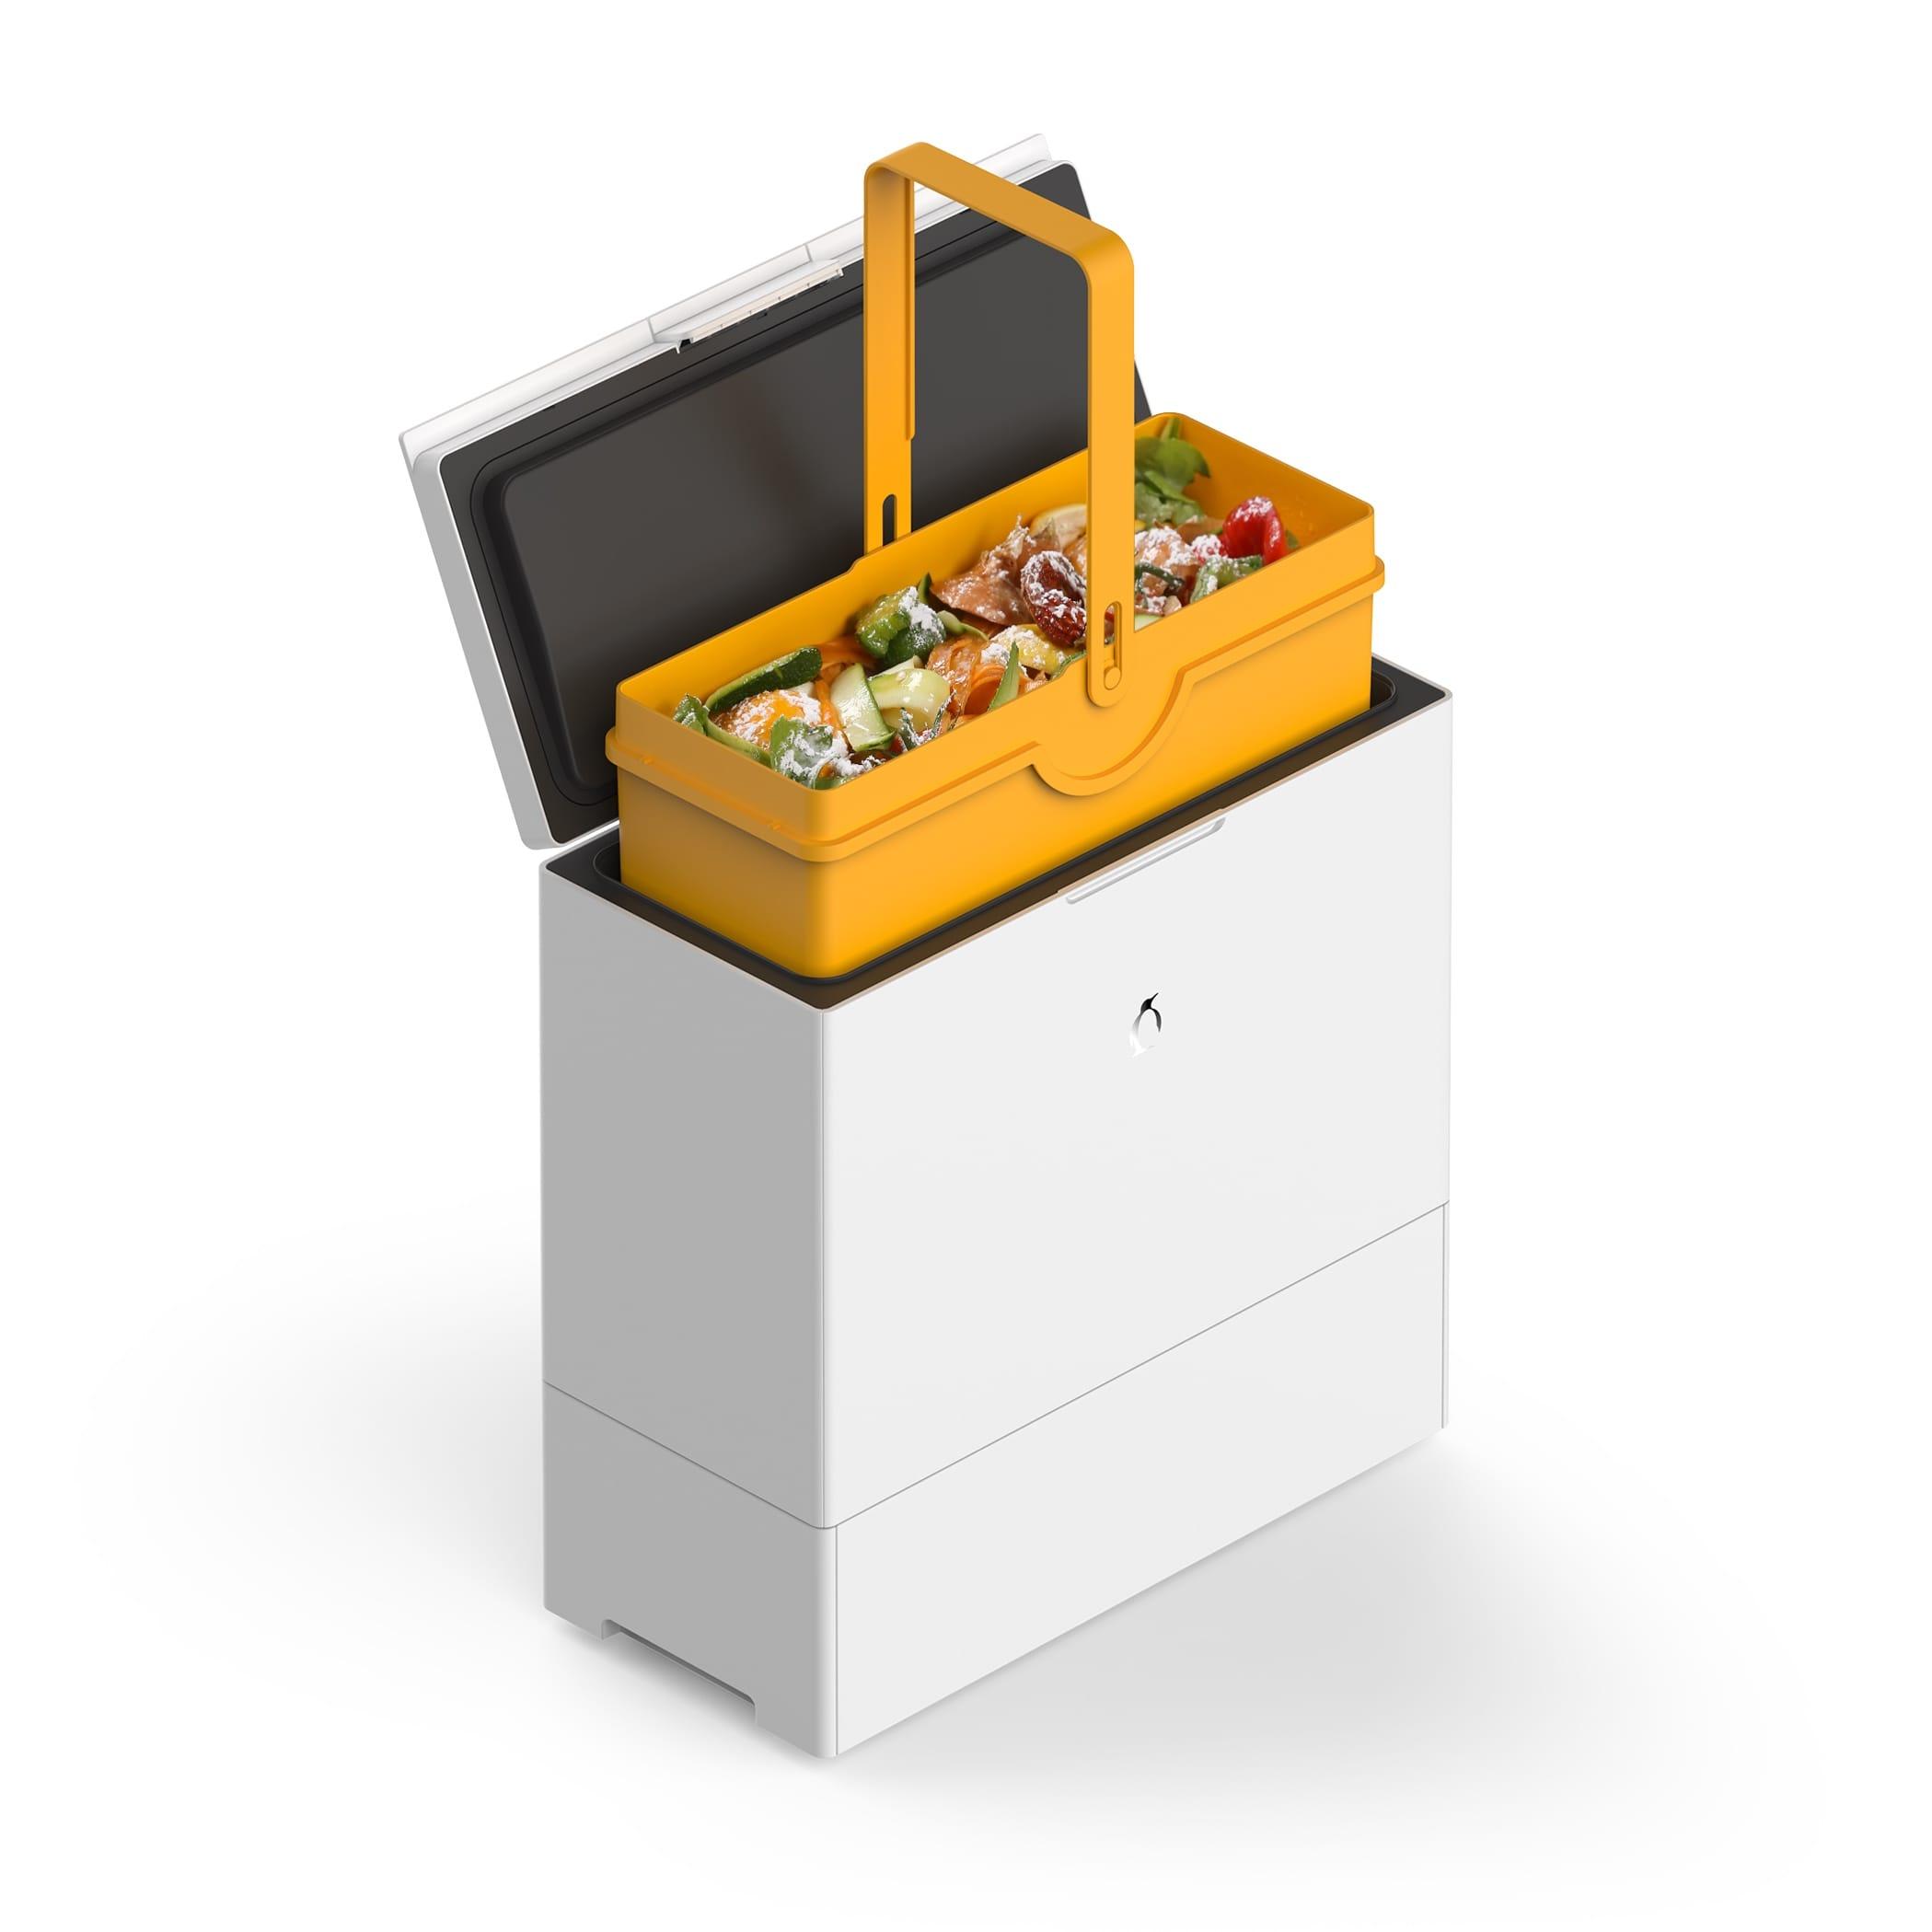 FreezyBoy: Funktionaler Komposteimer für die Küche